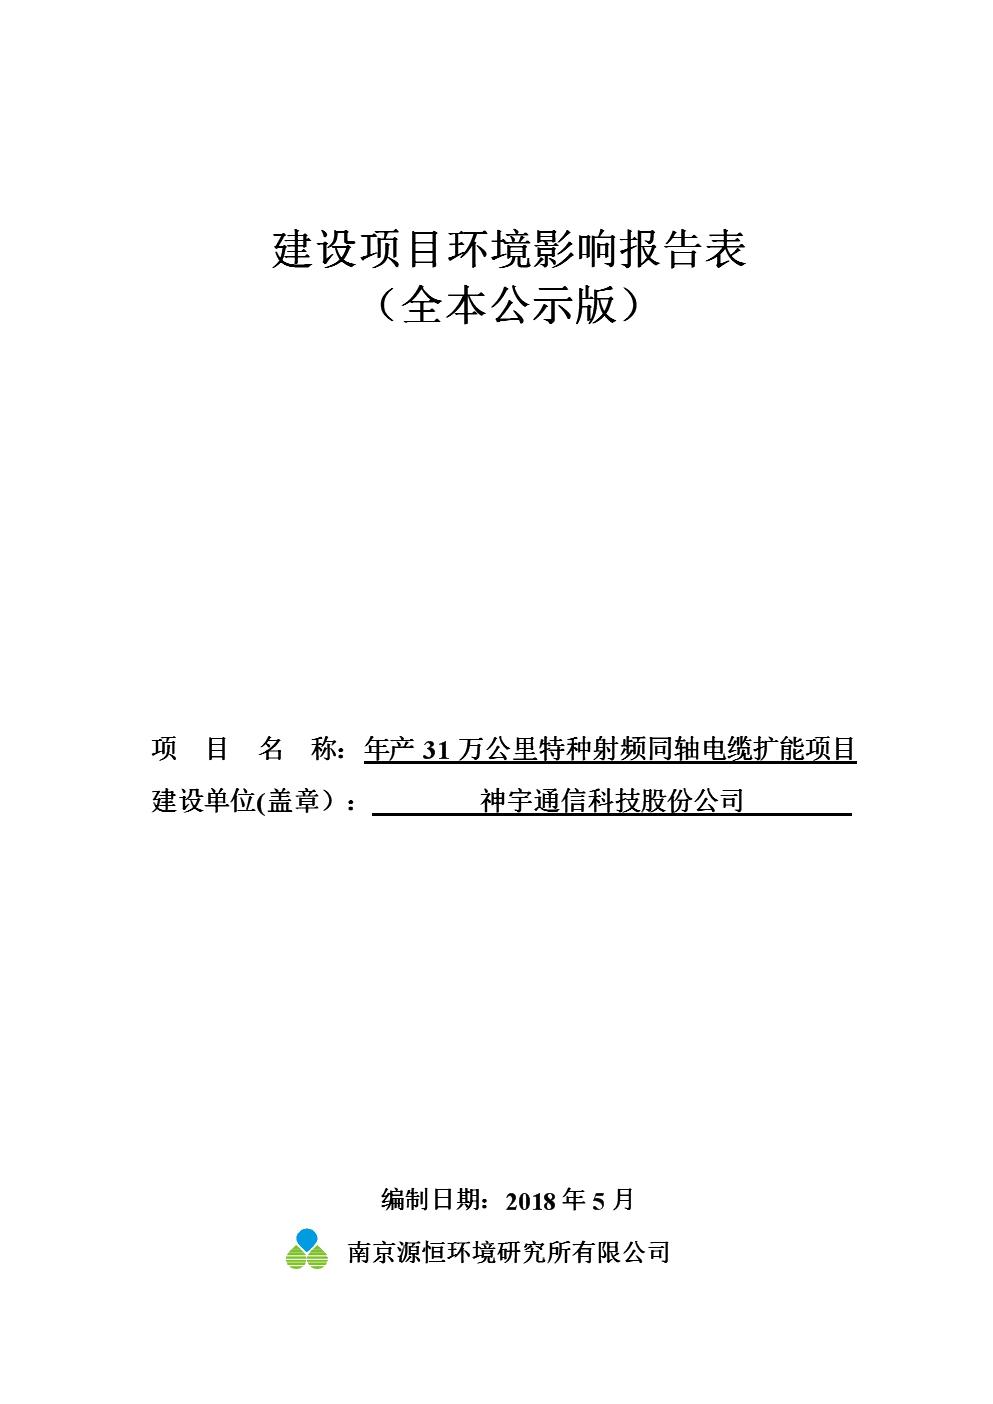 神宇通信科技股份公司年产31万公里特种射频同轴电缆扩能项目建设项目环境影响报告表.doc